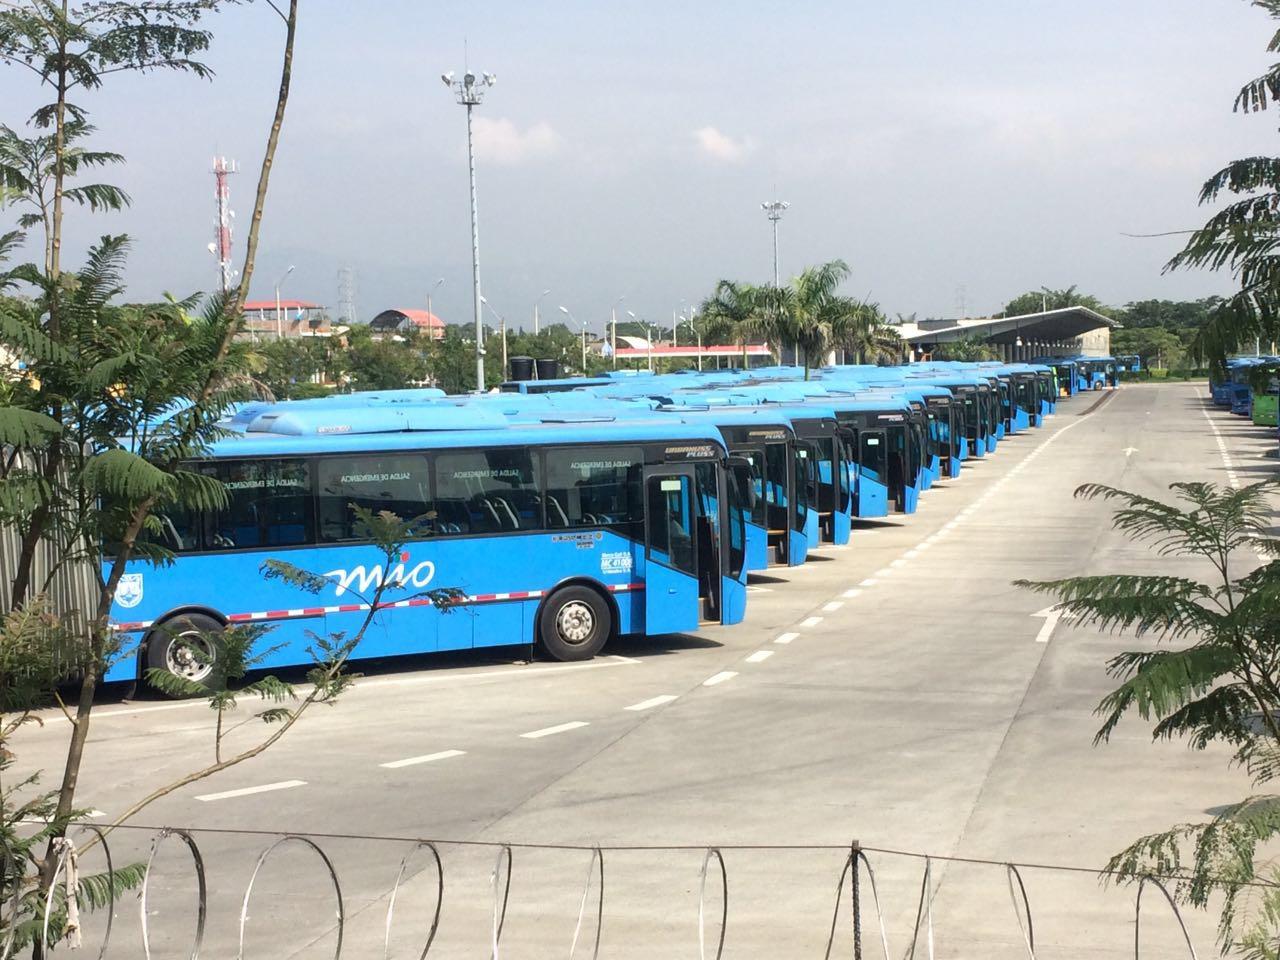 Unimetro sigue sin operar toda su flota, hoy solo salen 30 buses